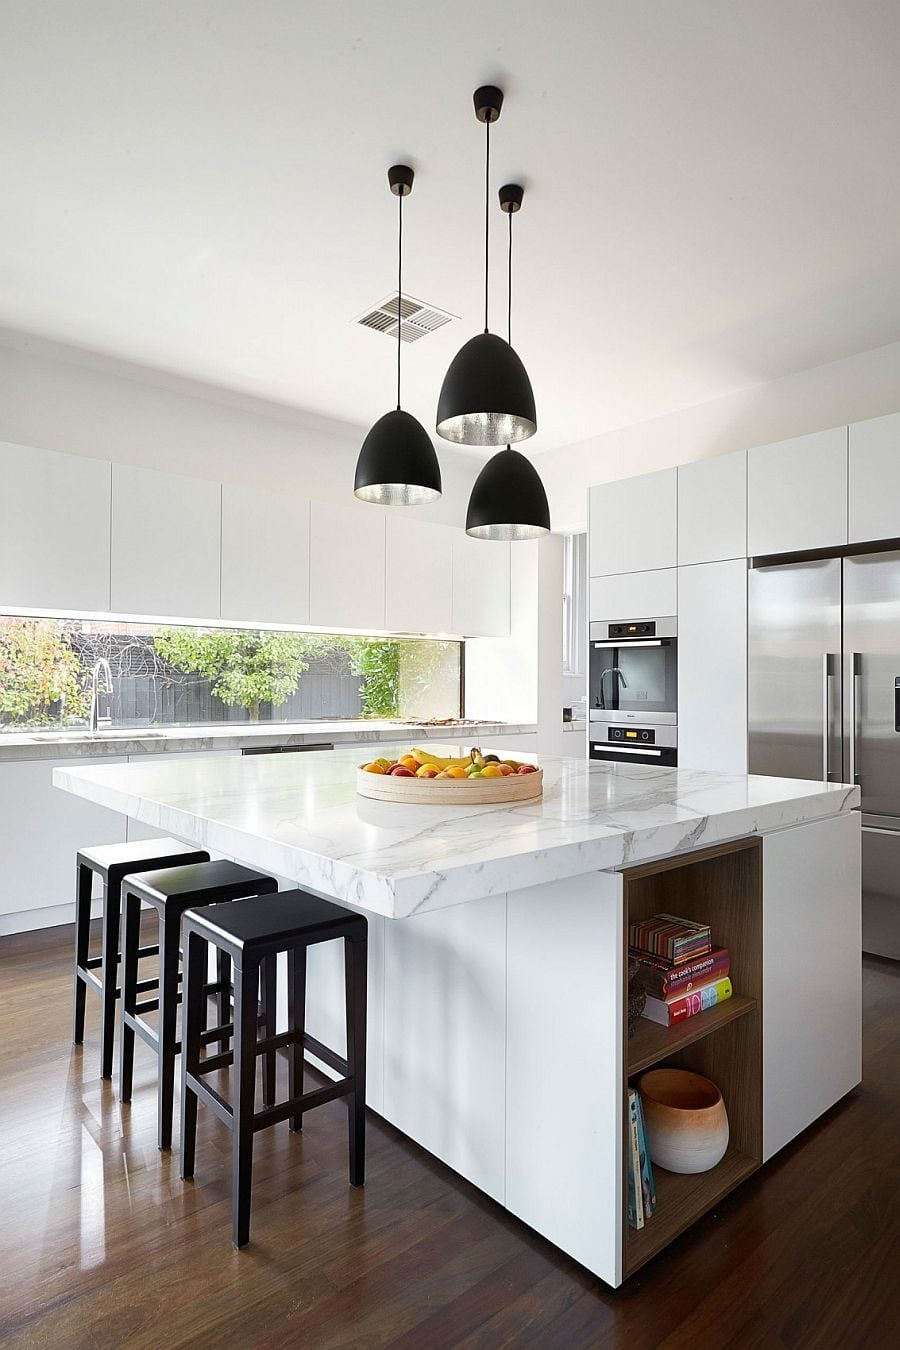 724 Ngôi nhà kết hợp hai phong cách hiện đại và cổ điển tại Úc qpdesign